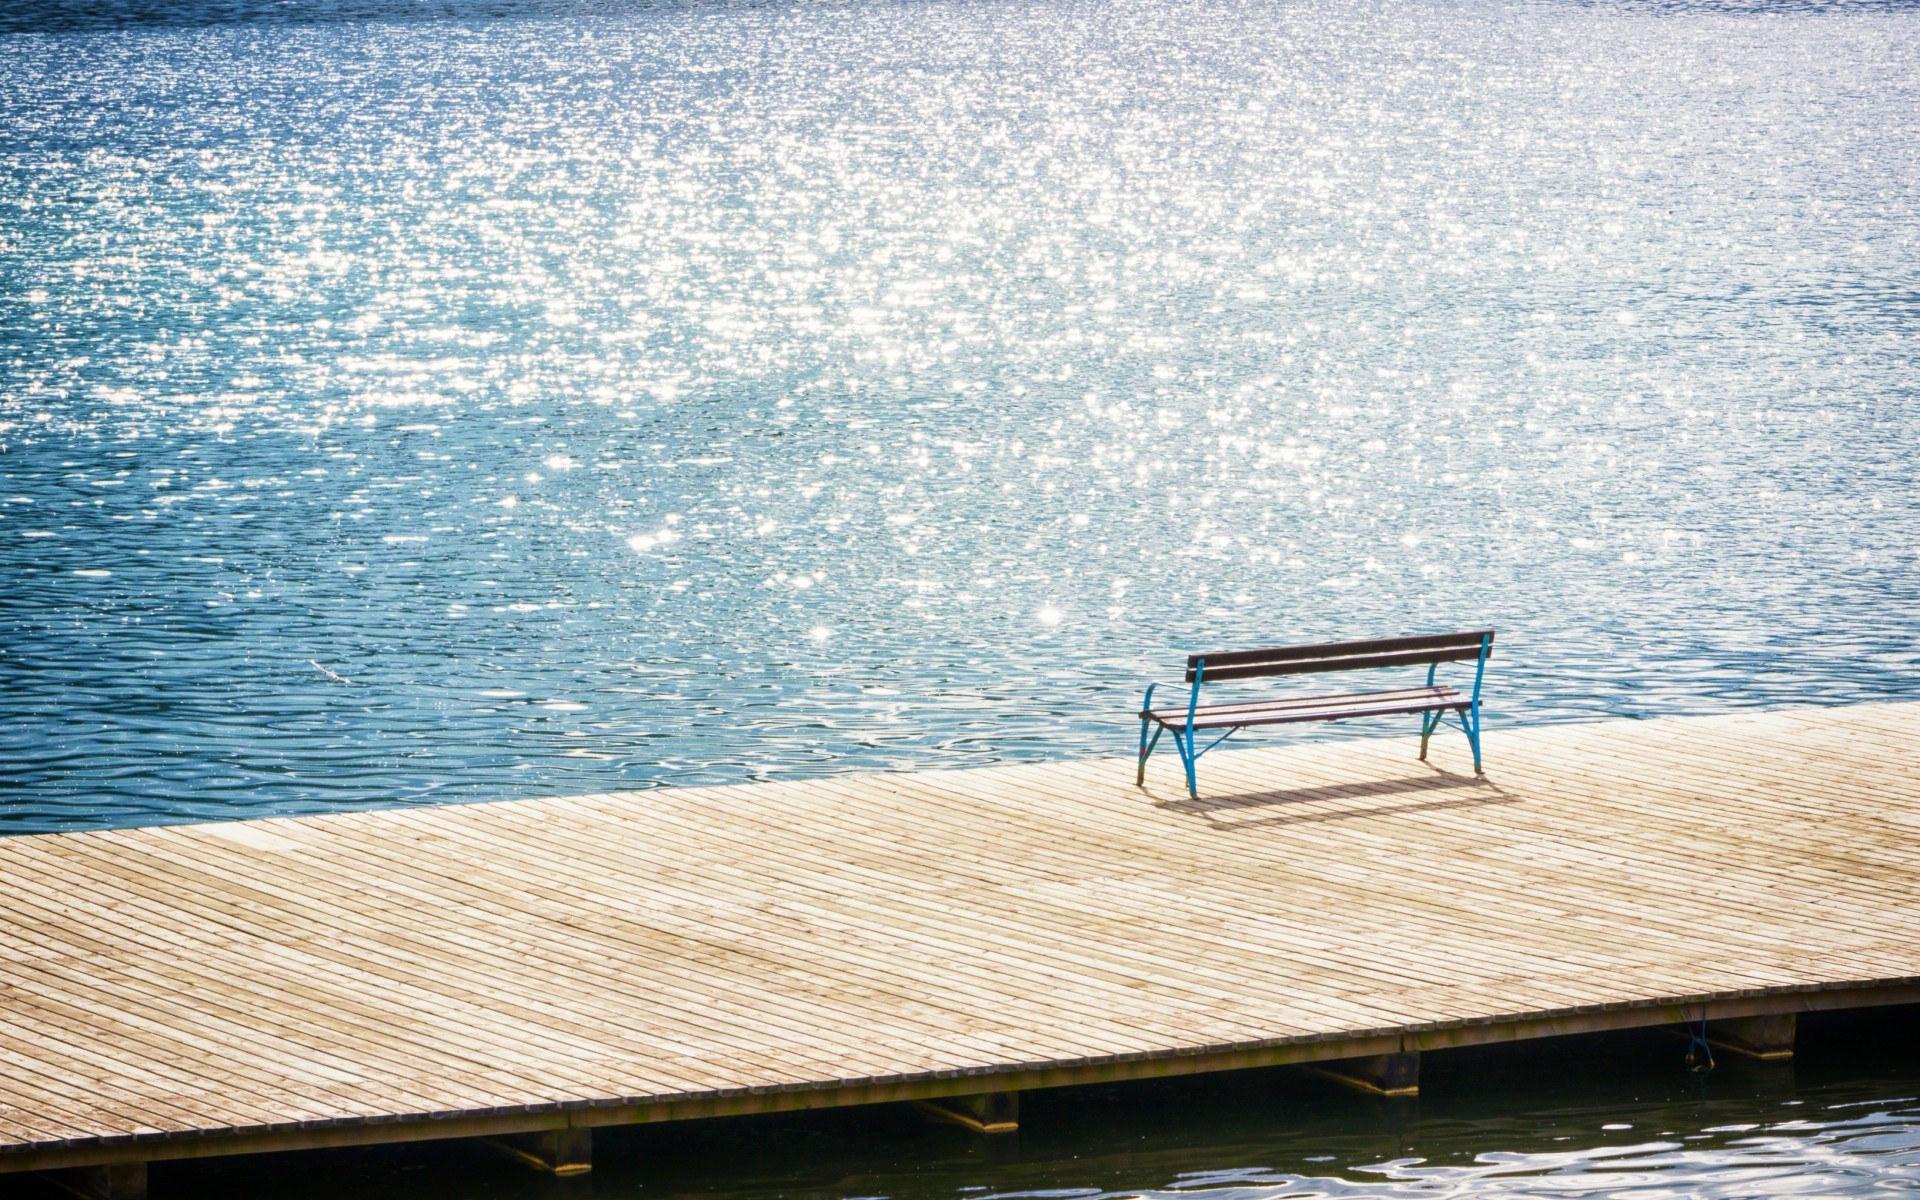 孤独忧伤的风景桌面壁纸